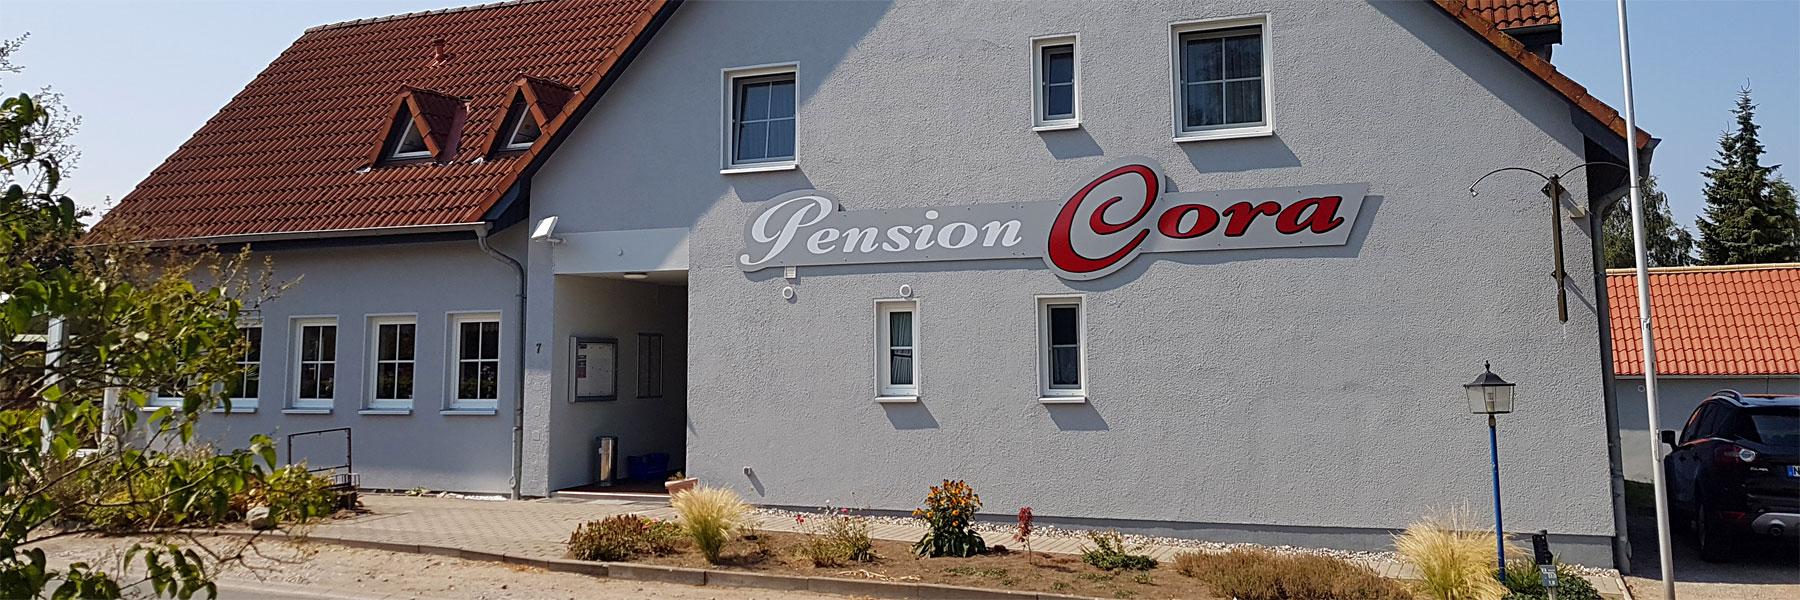 Aussenansicht - Pension Cora